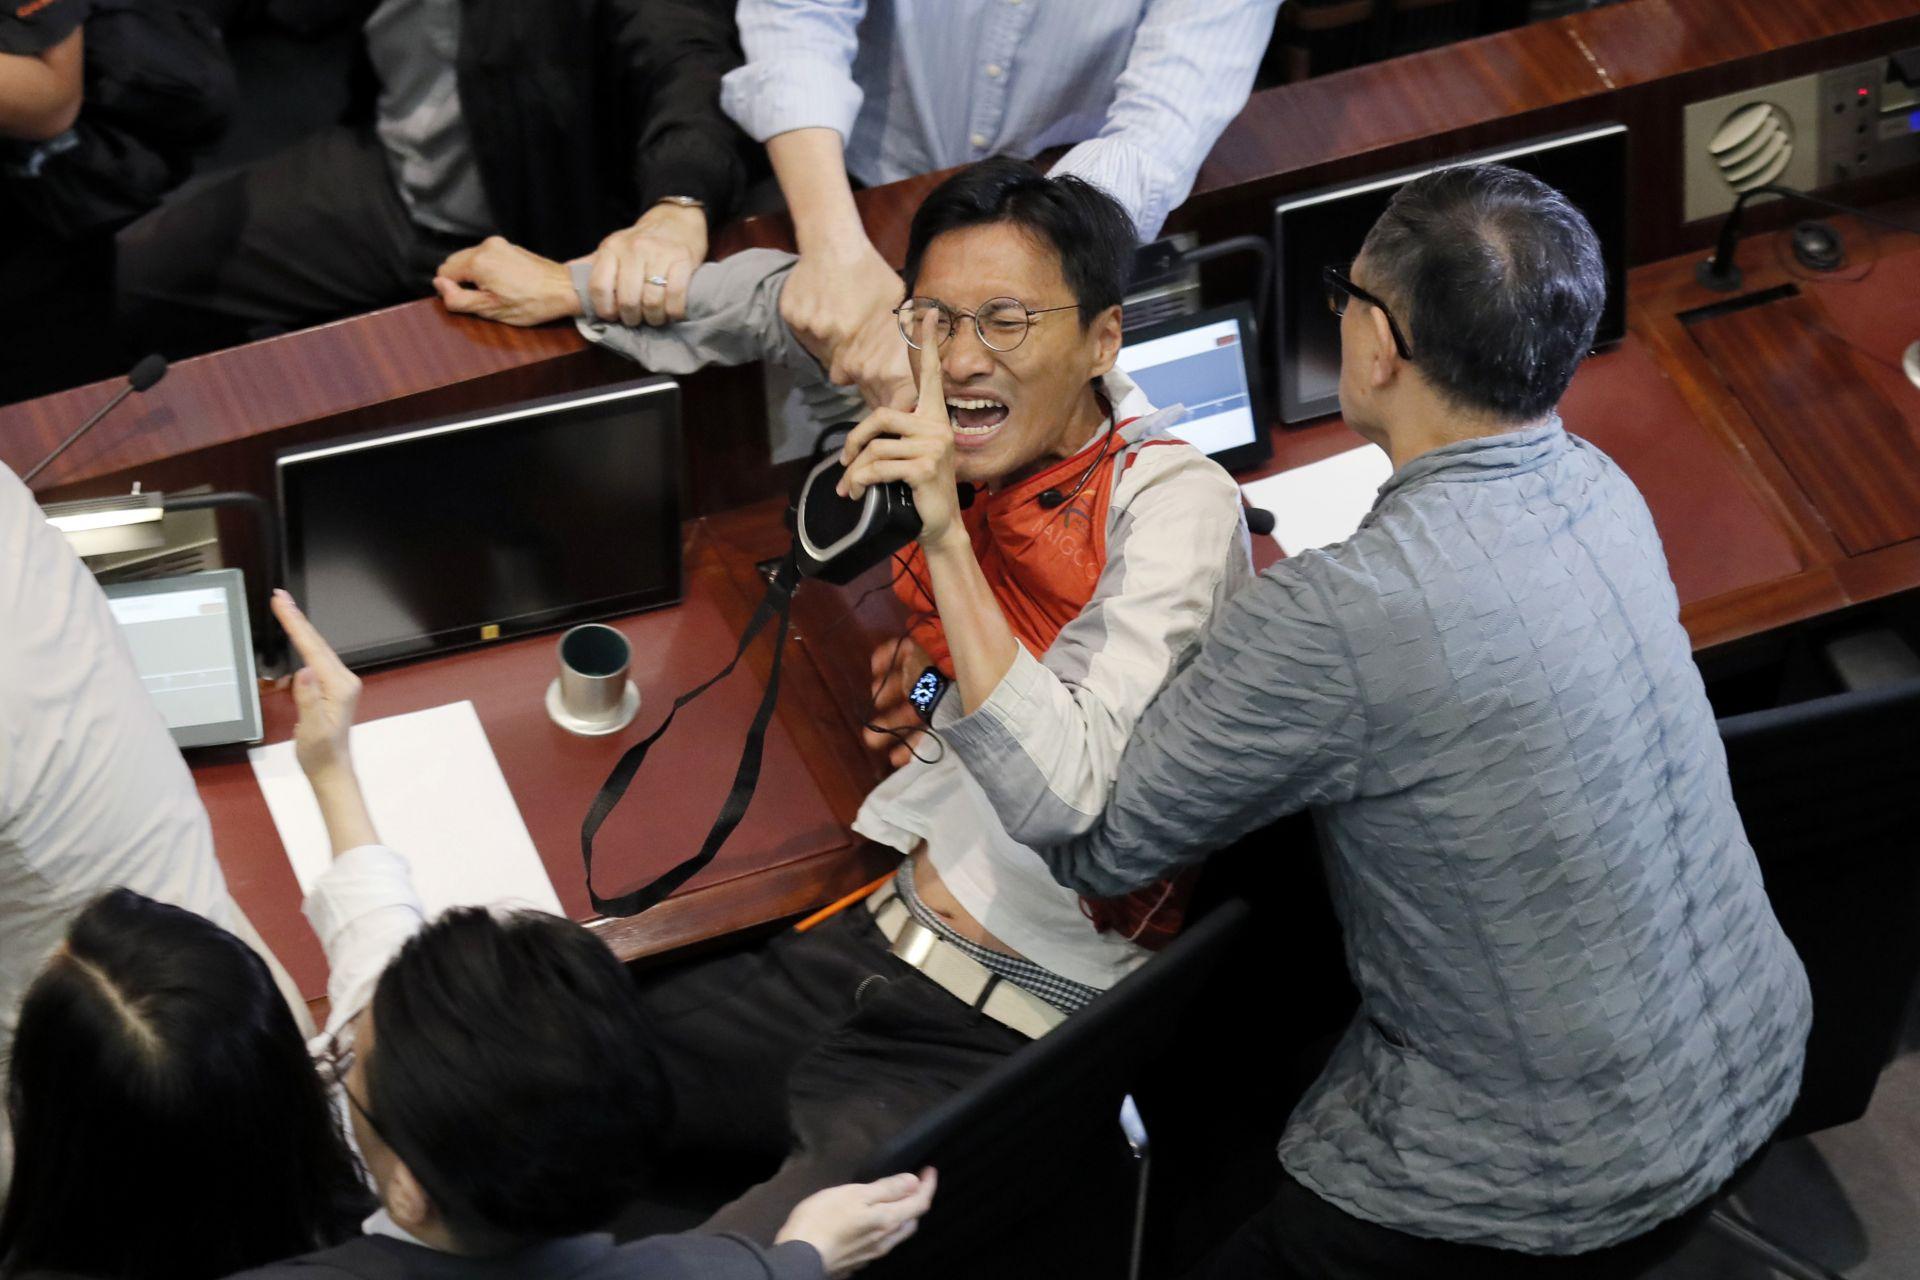 Боят е заради спорен закон за екстрадиране на местни жители в Китай